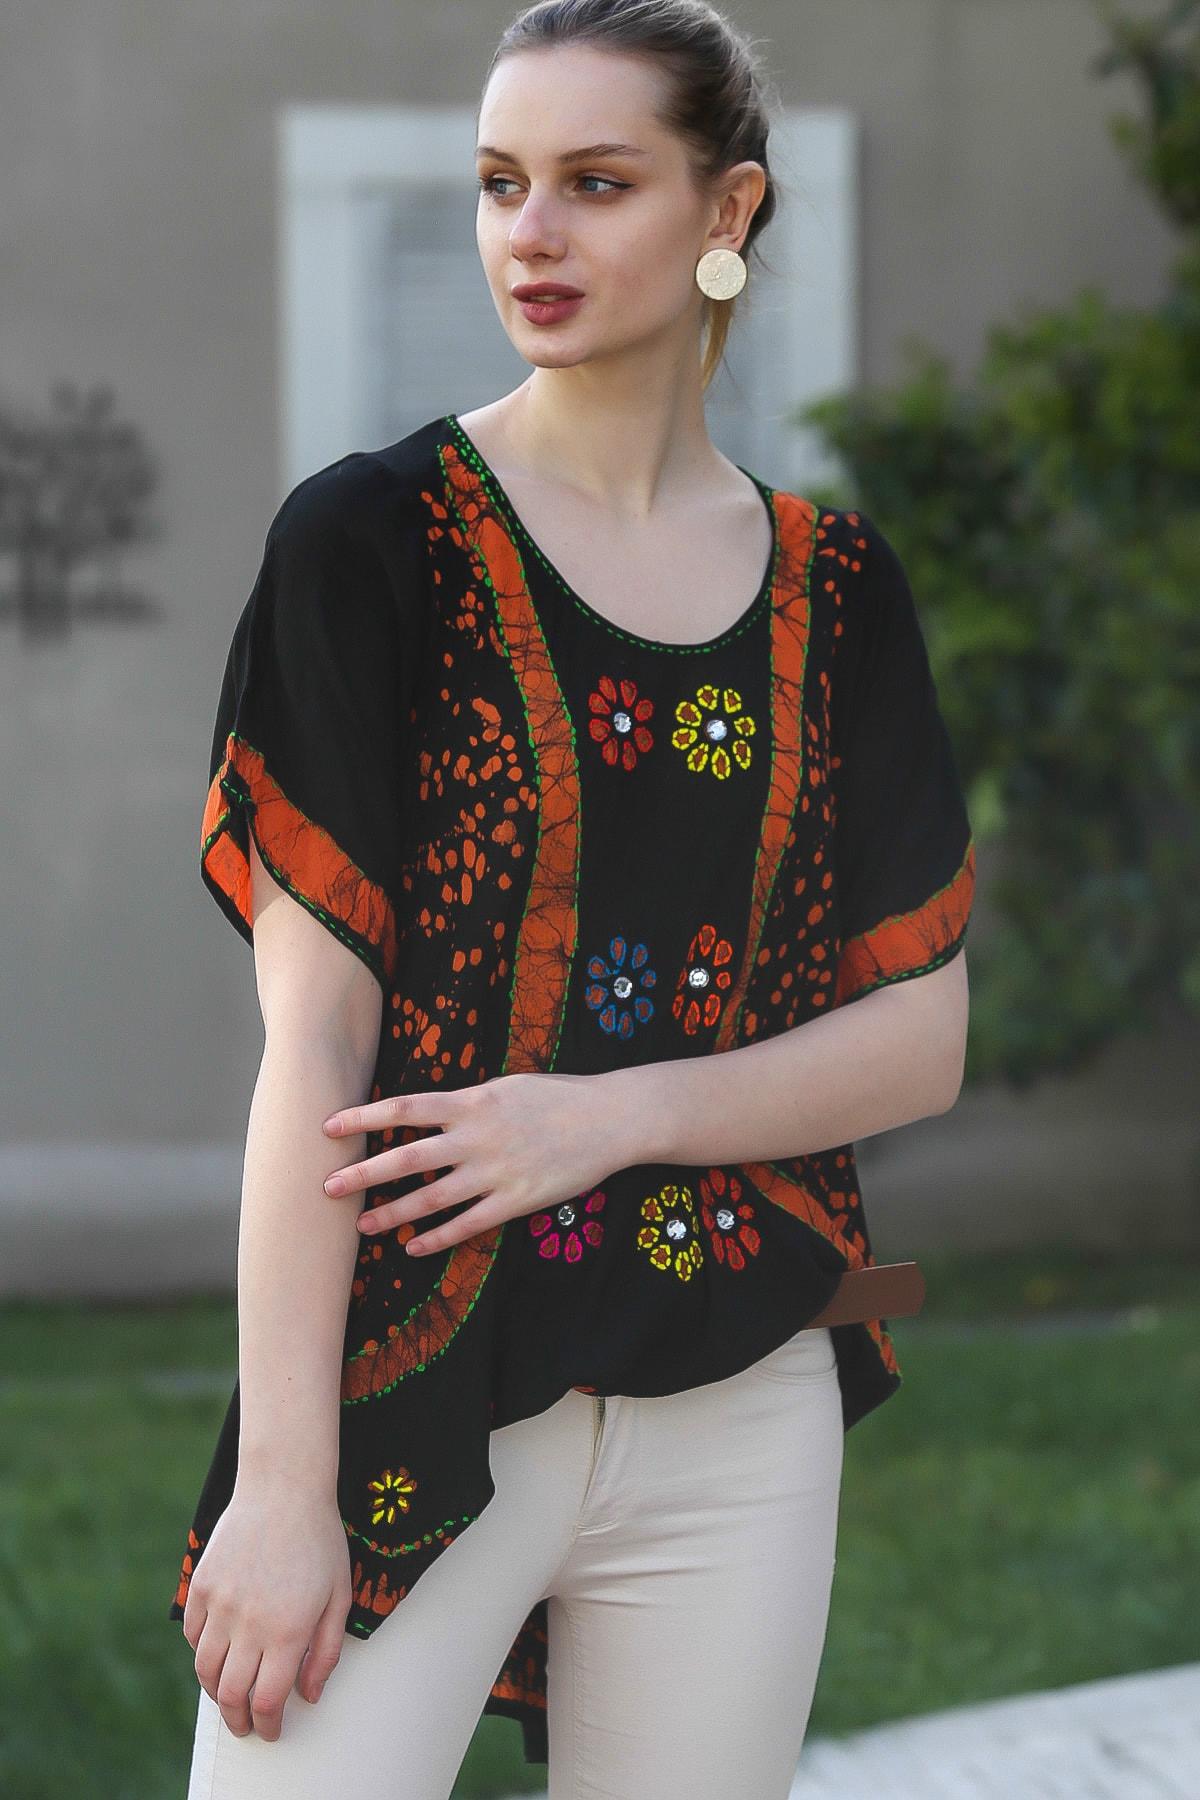 Chiccy Kadın Siyah U Yaka Çiçek Nakışlı Batik Desenli Salaş Tunik Bluz M10010200BL95380 2